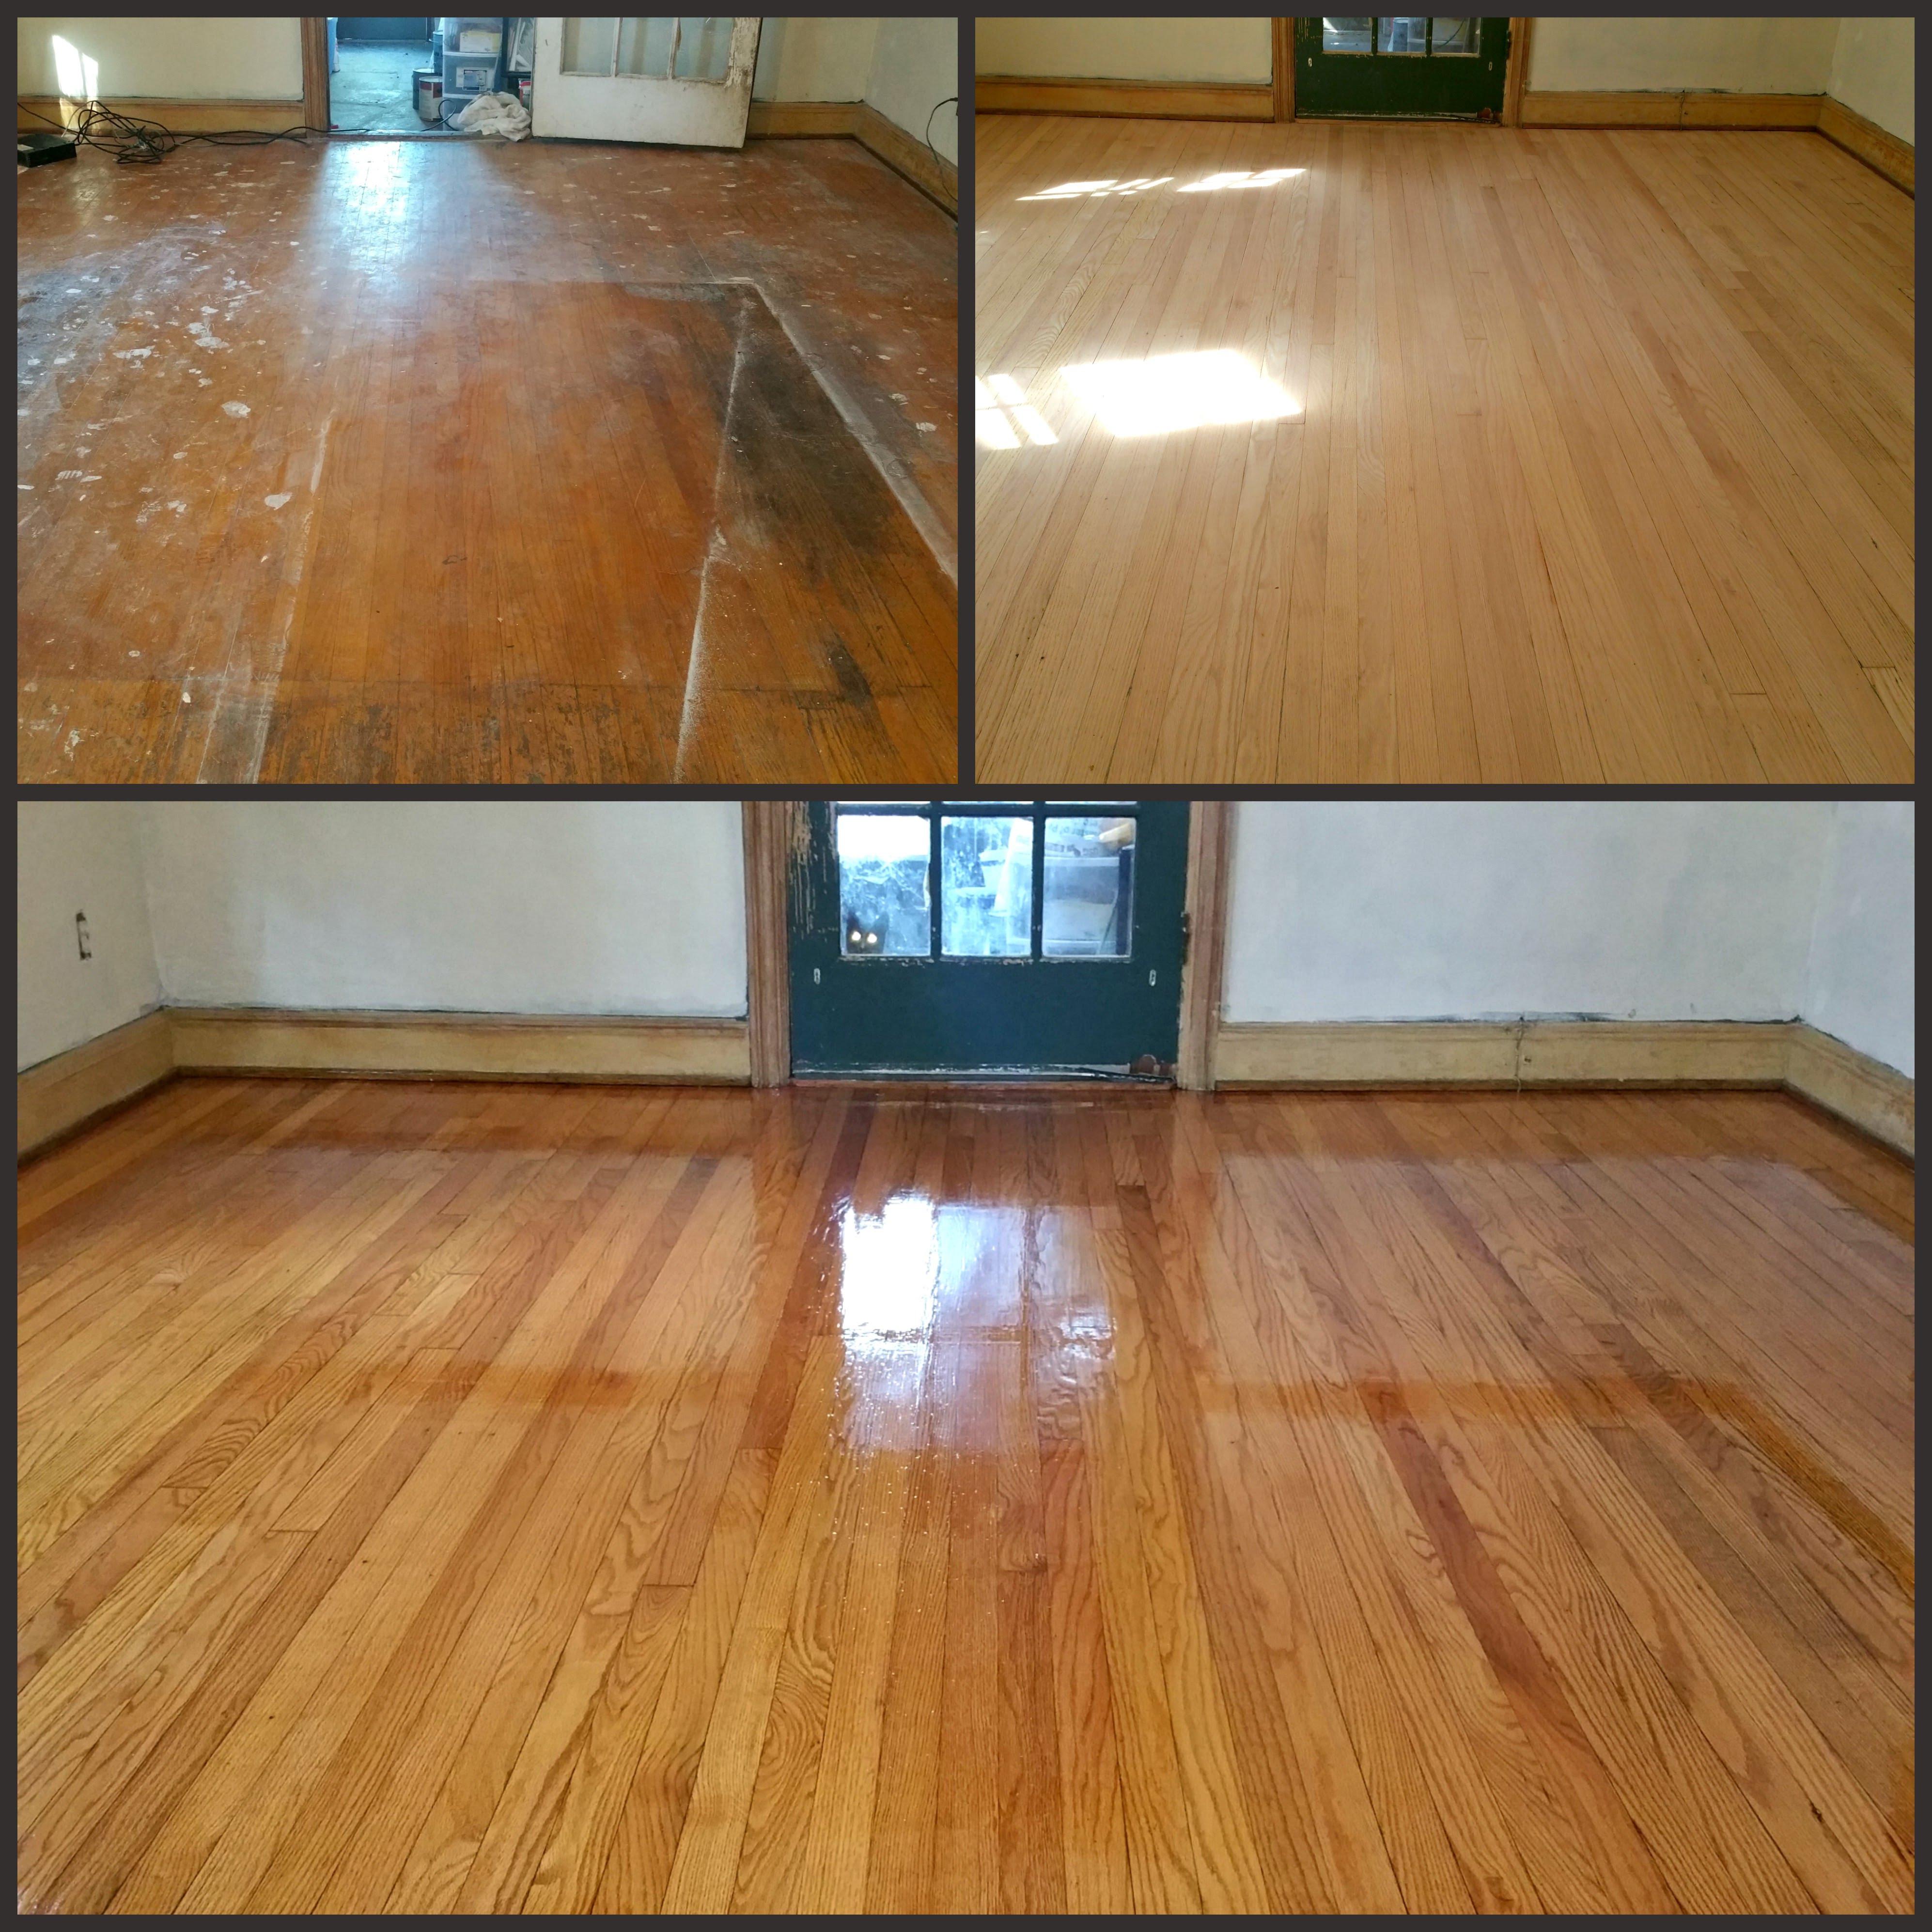 hardwood floor refinishing nj costs of floor refinishing company hardwood floors service by cris floor with floor refinishing company hardwood floors service by cris